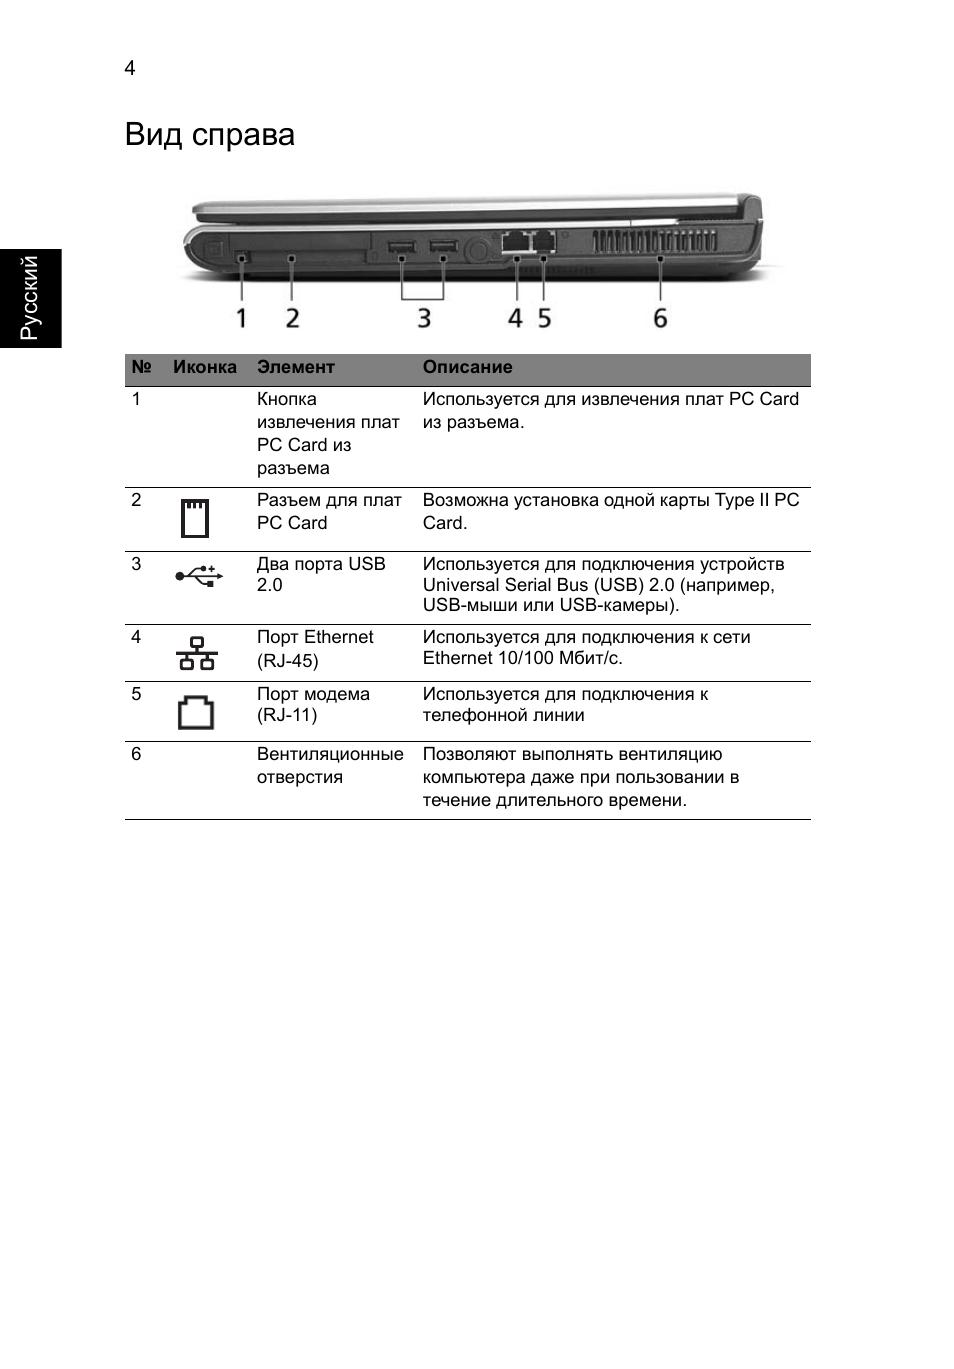 ноутбук acer aspire 3630 инструкция скачать бесплатно